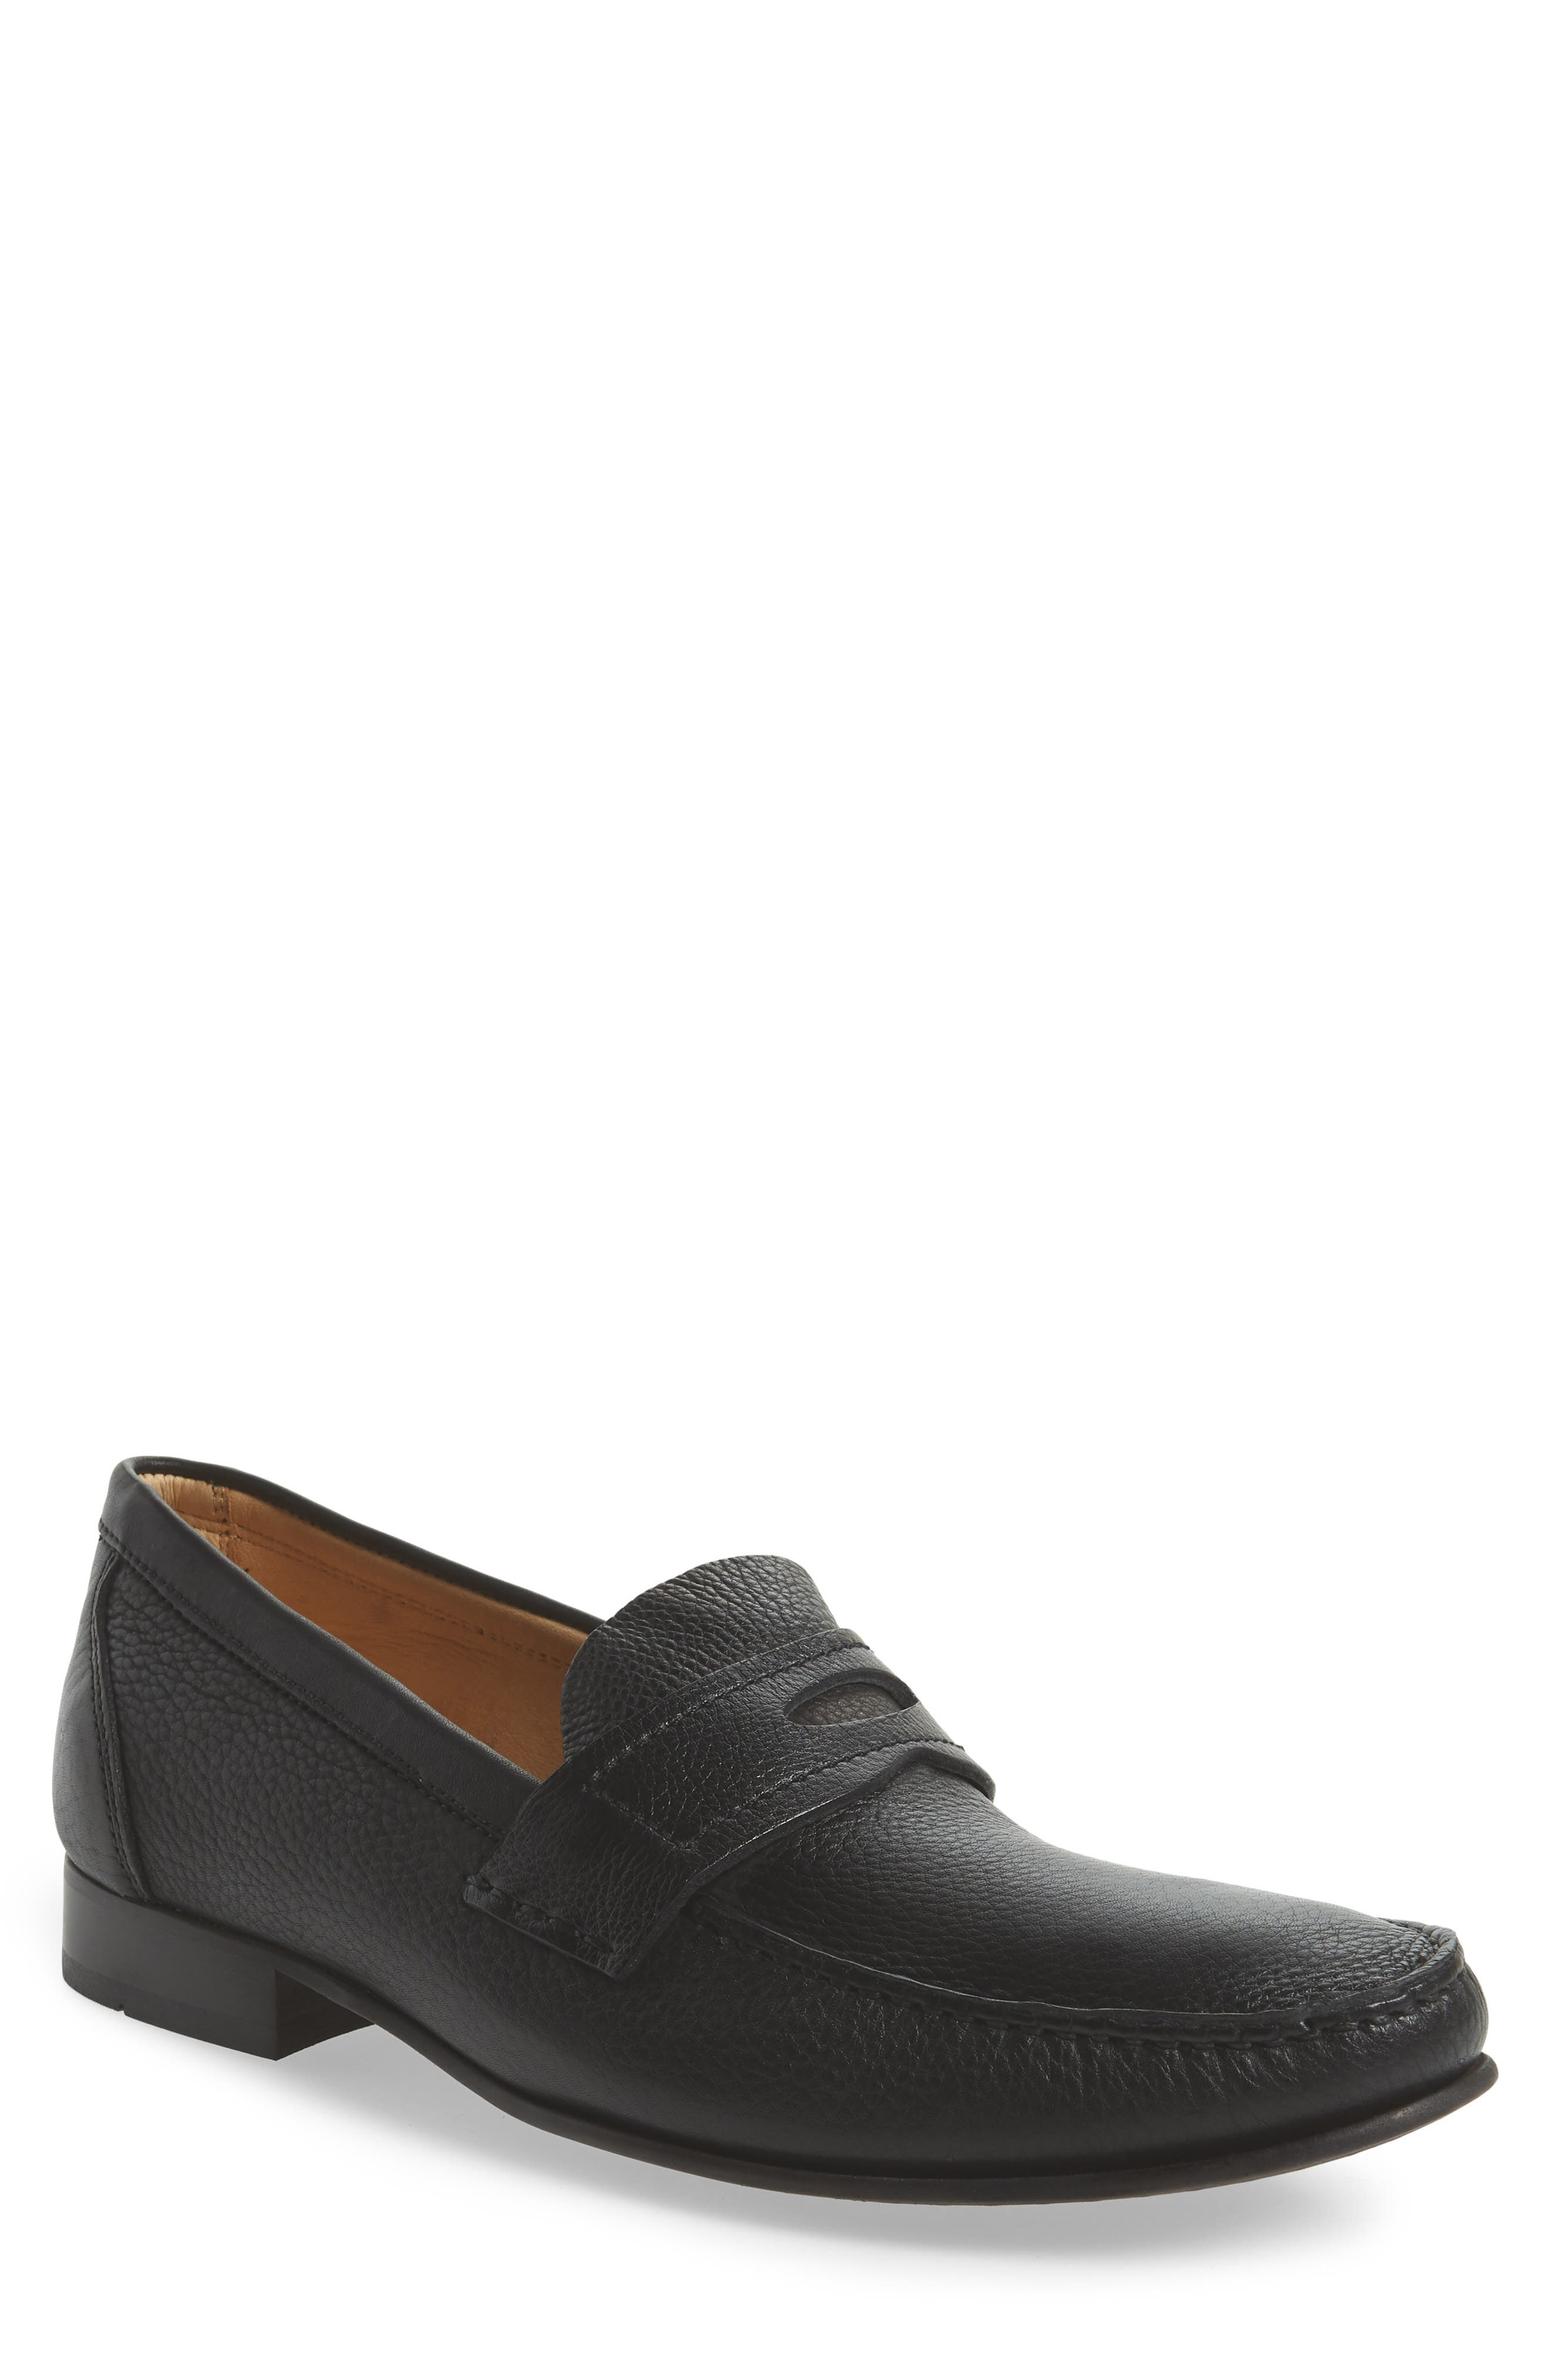 Eric Moc Toe Slip-On Loafer,                         Main,                         color, Floater Black Leather